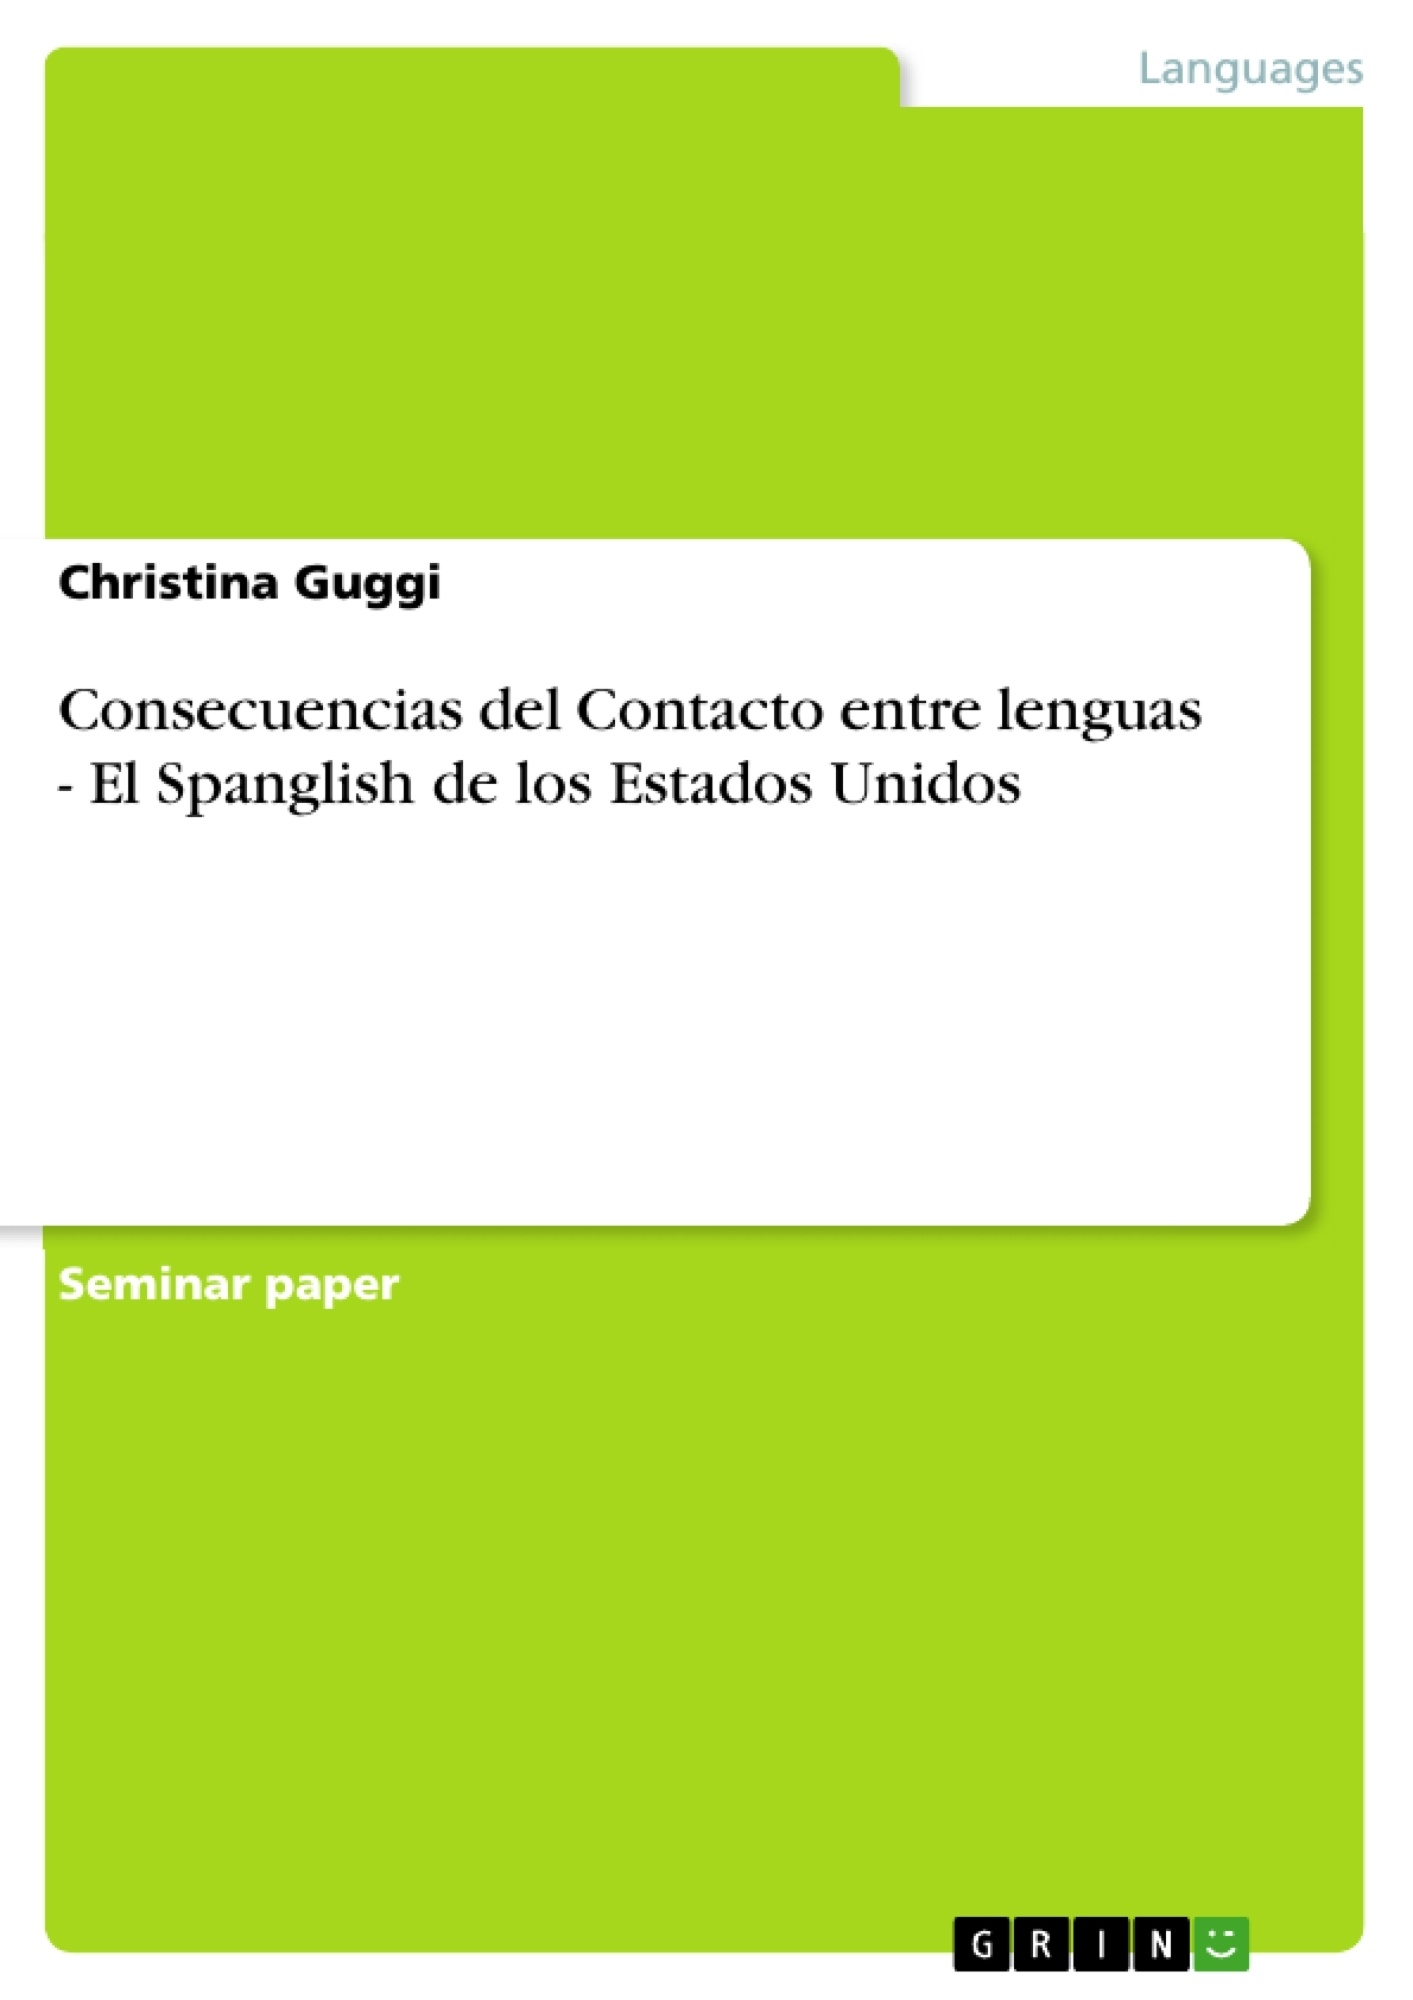 Título: Consecuencias del Contacto entre lenguas - El Spanglish de los Estados Unidos